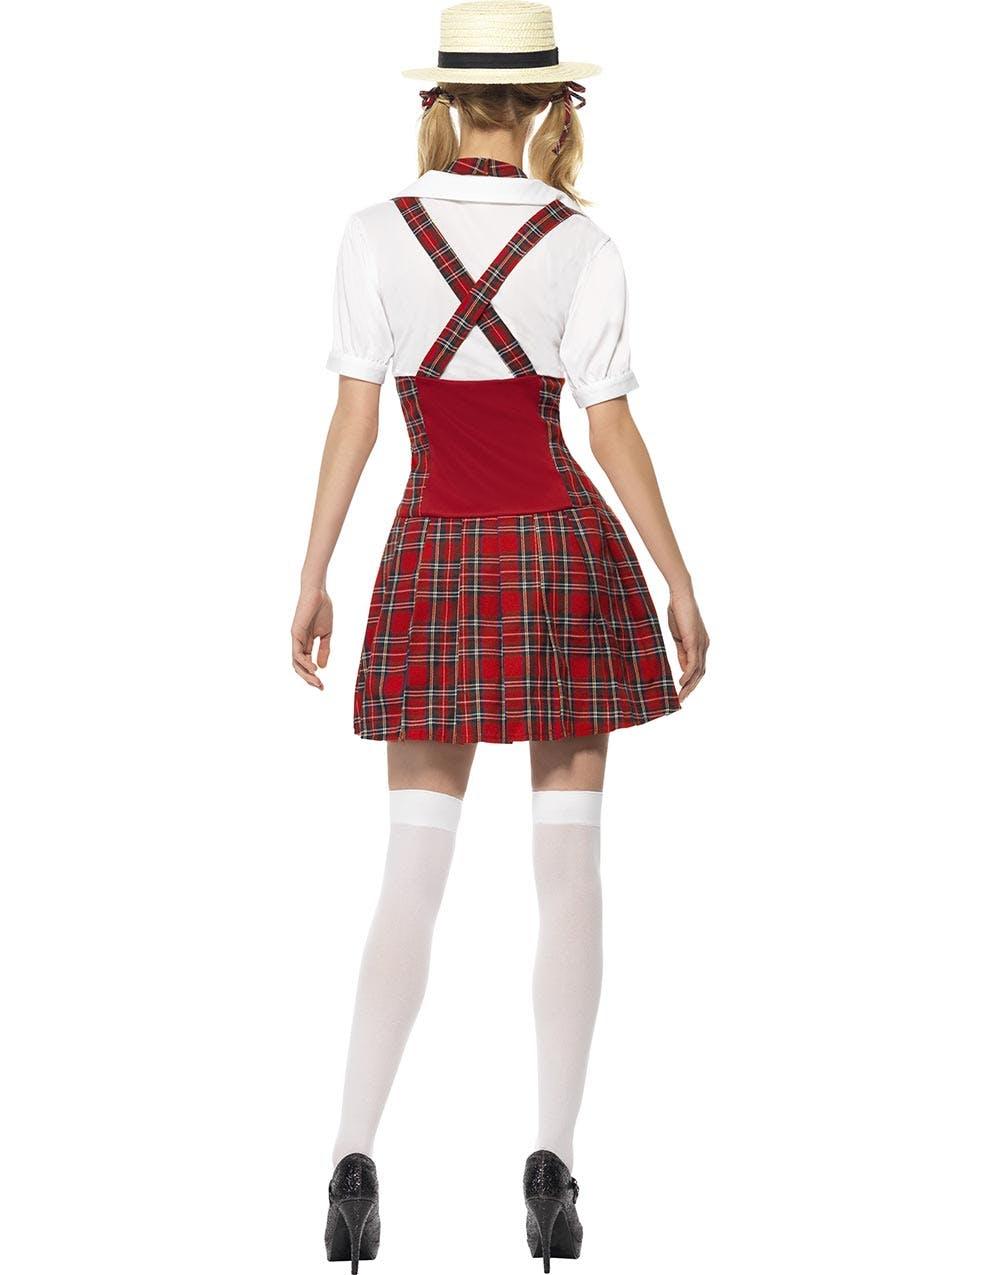 Snygg Skolflicka Uniform - Damdräkt bf5478ca5f9ff